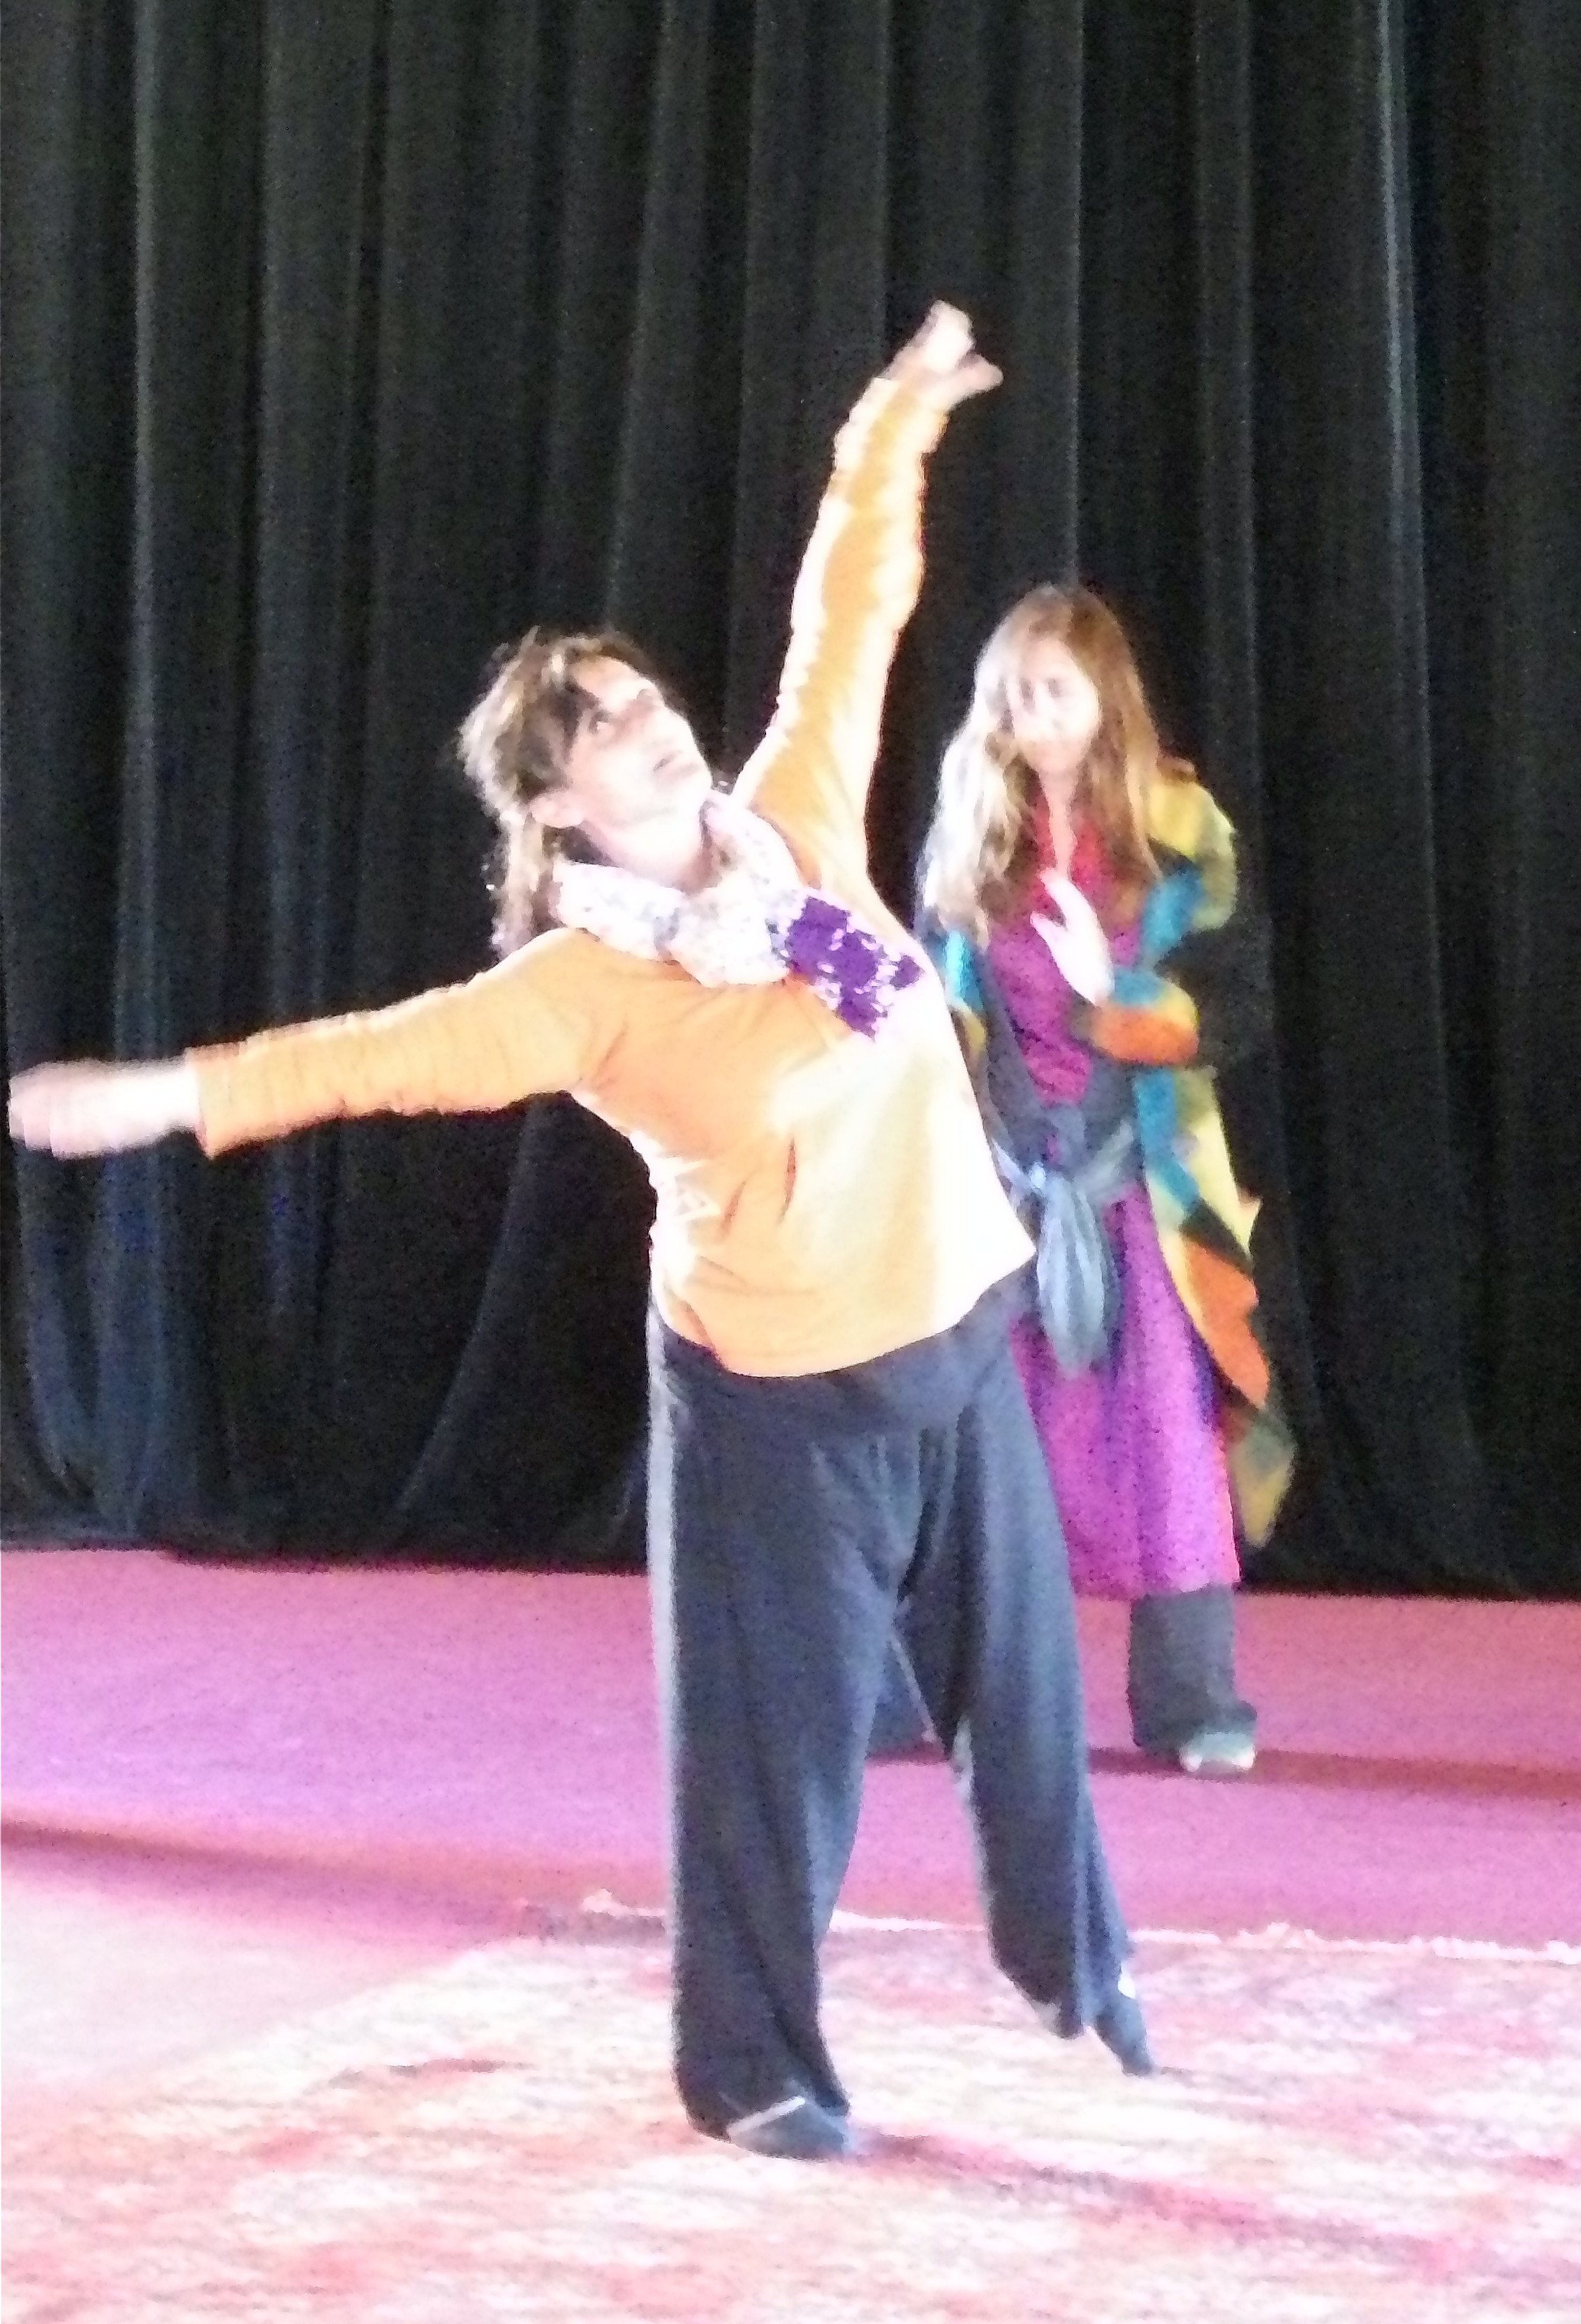 """Le terme """" thérapie """" dans son sens initial veut dire : """"Remettre en harmonie"""" L'acte de Danser c'est : """" Etre soulevé par une joie qui se nourrit d'elle même ! """". Approcher et contacter l'outil """" Choréa thérapie """" c'est : """" Harmoniser le corps en ressentant la joie d'Etre dans le Mouvement de la Vie ! Panser ses plaies, Soigner l'âme et Restaurer l'image de Soi! La Choréa thérapie est une méthode de soin qui utilise la Danse comme objet médiateur dans la relation thérapeutique. """"Depuis toujours, la Danse fait partie des rituels de guérison et de célébration des cultures traditionnelles."""